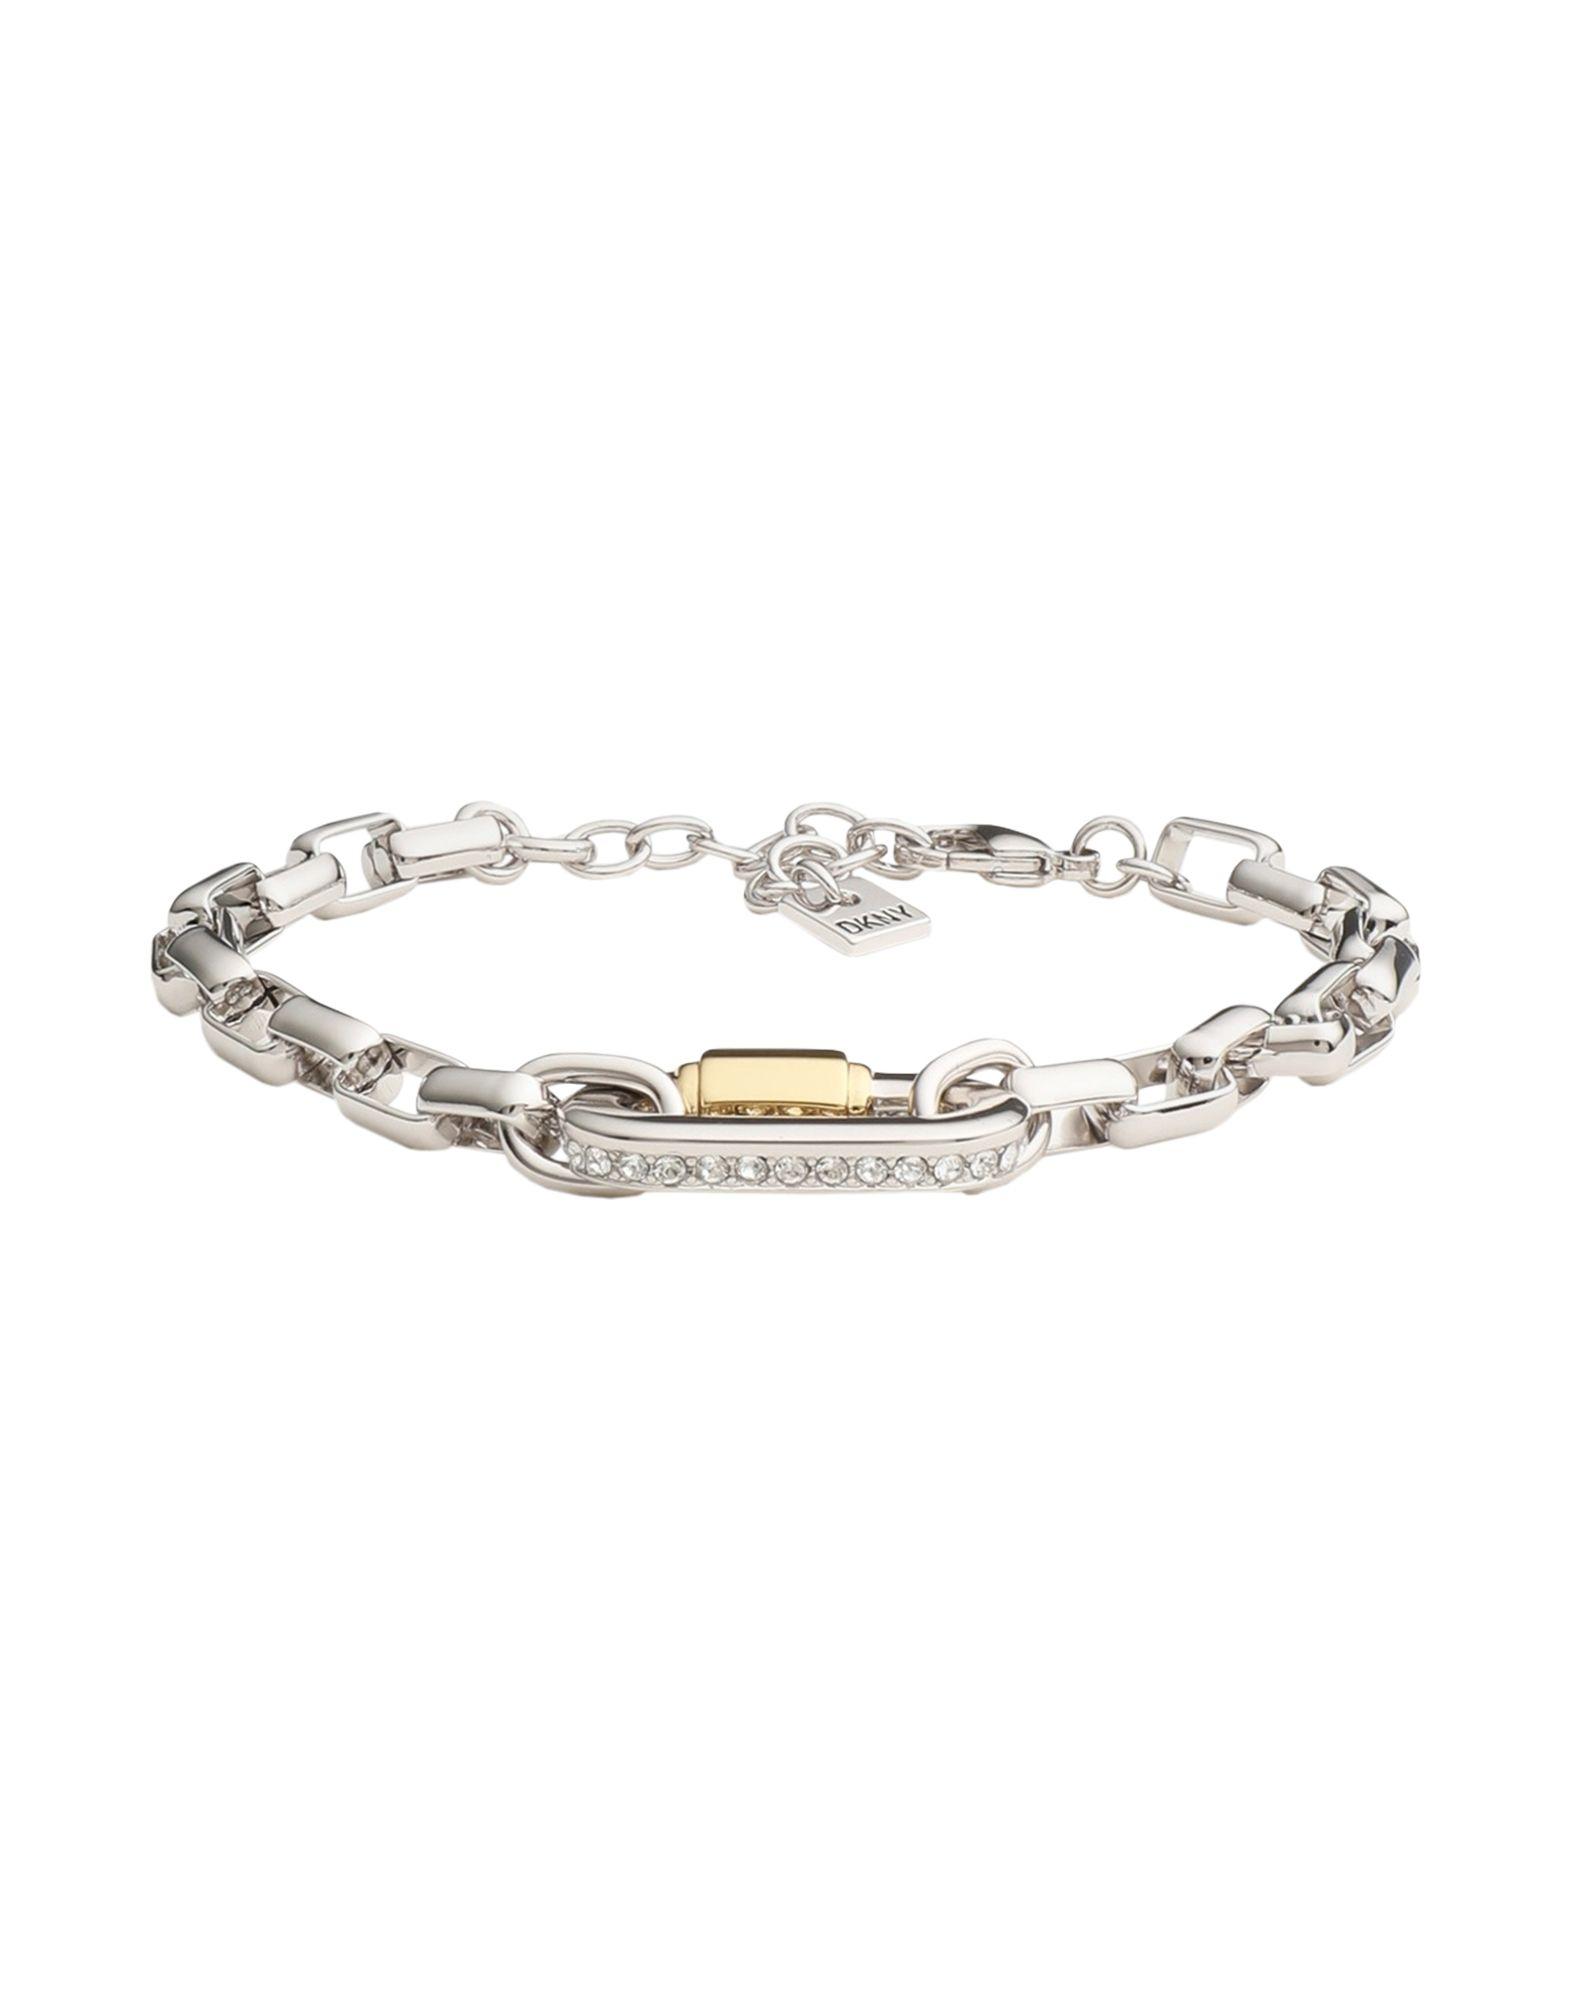 DKNY Bracelets - Item 50242433